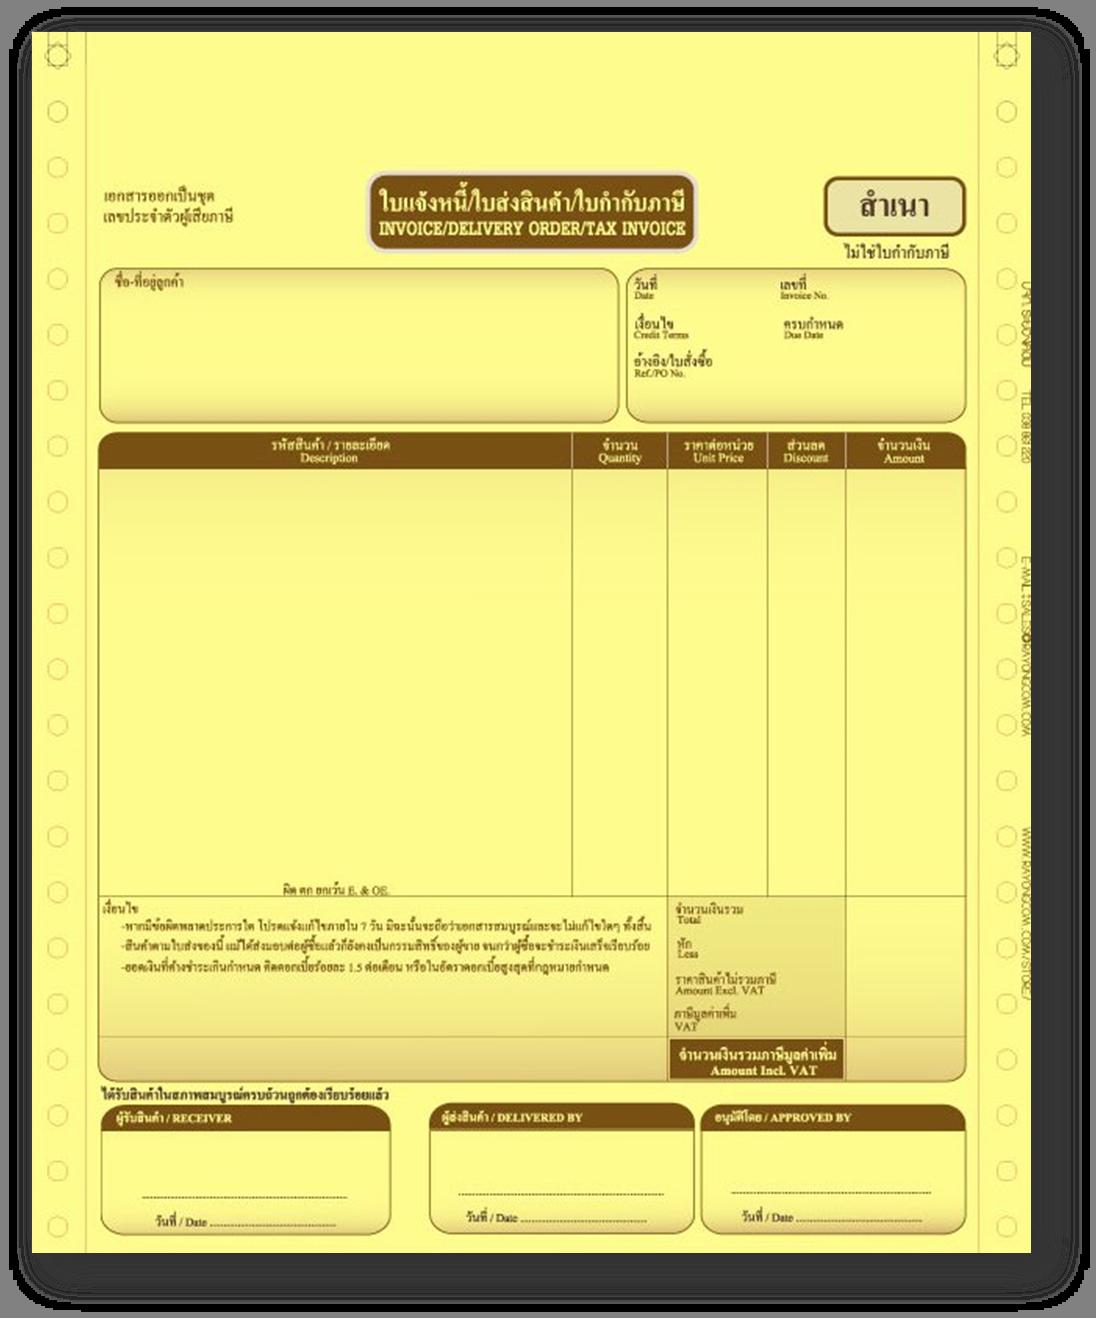 TV ฟอร์มสำเร็จรูปกระดาษต่อเนื่องเคมี 4 ชั้น ใบกำกับภาษี/ใบส่งของ/ใบแจ้งหนี้